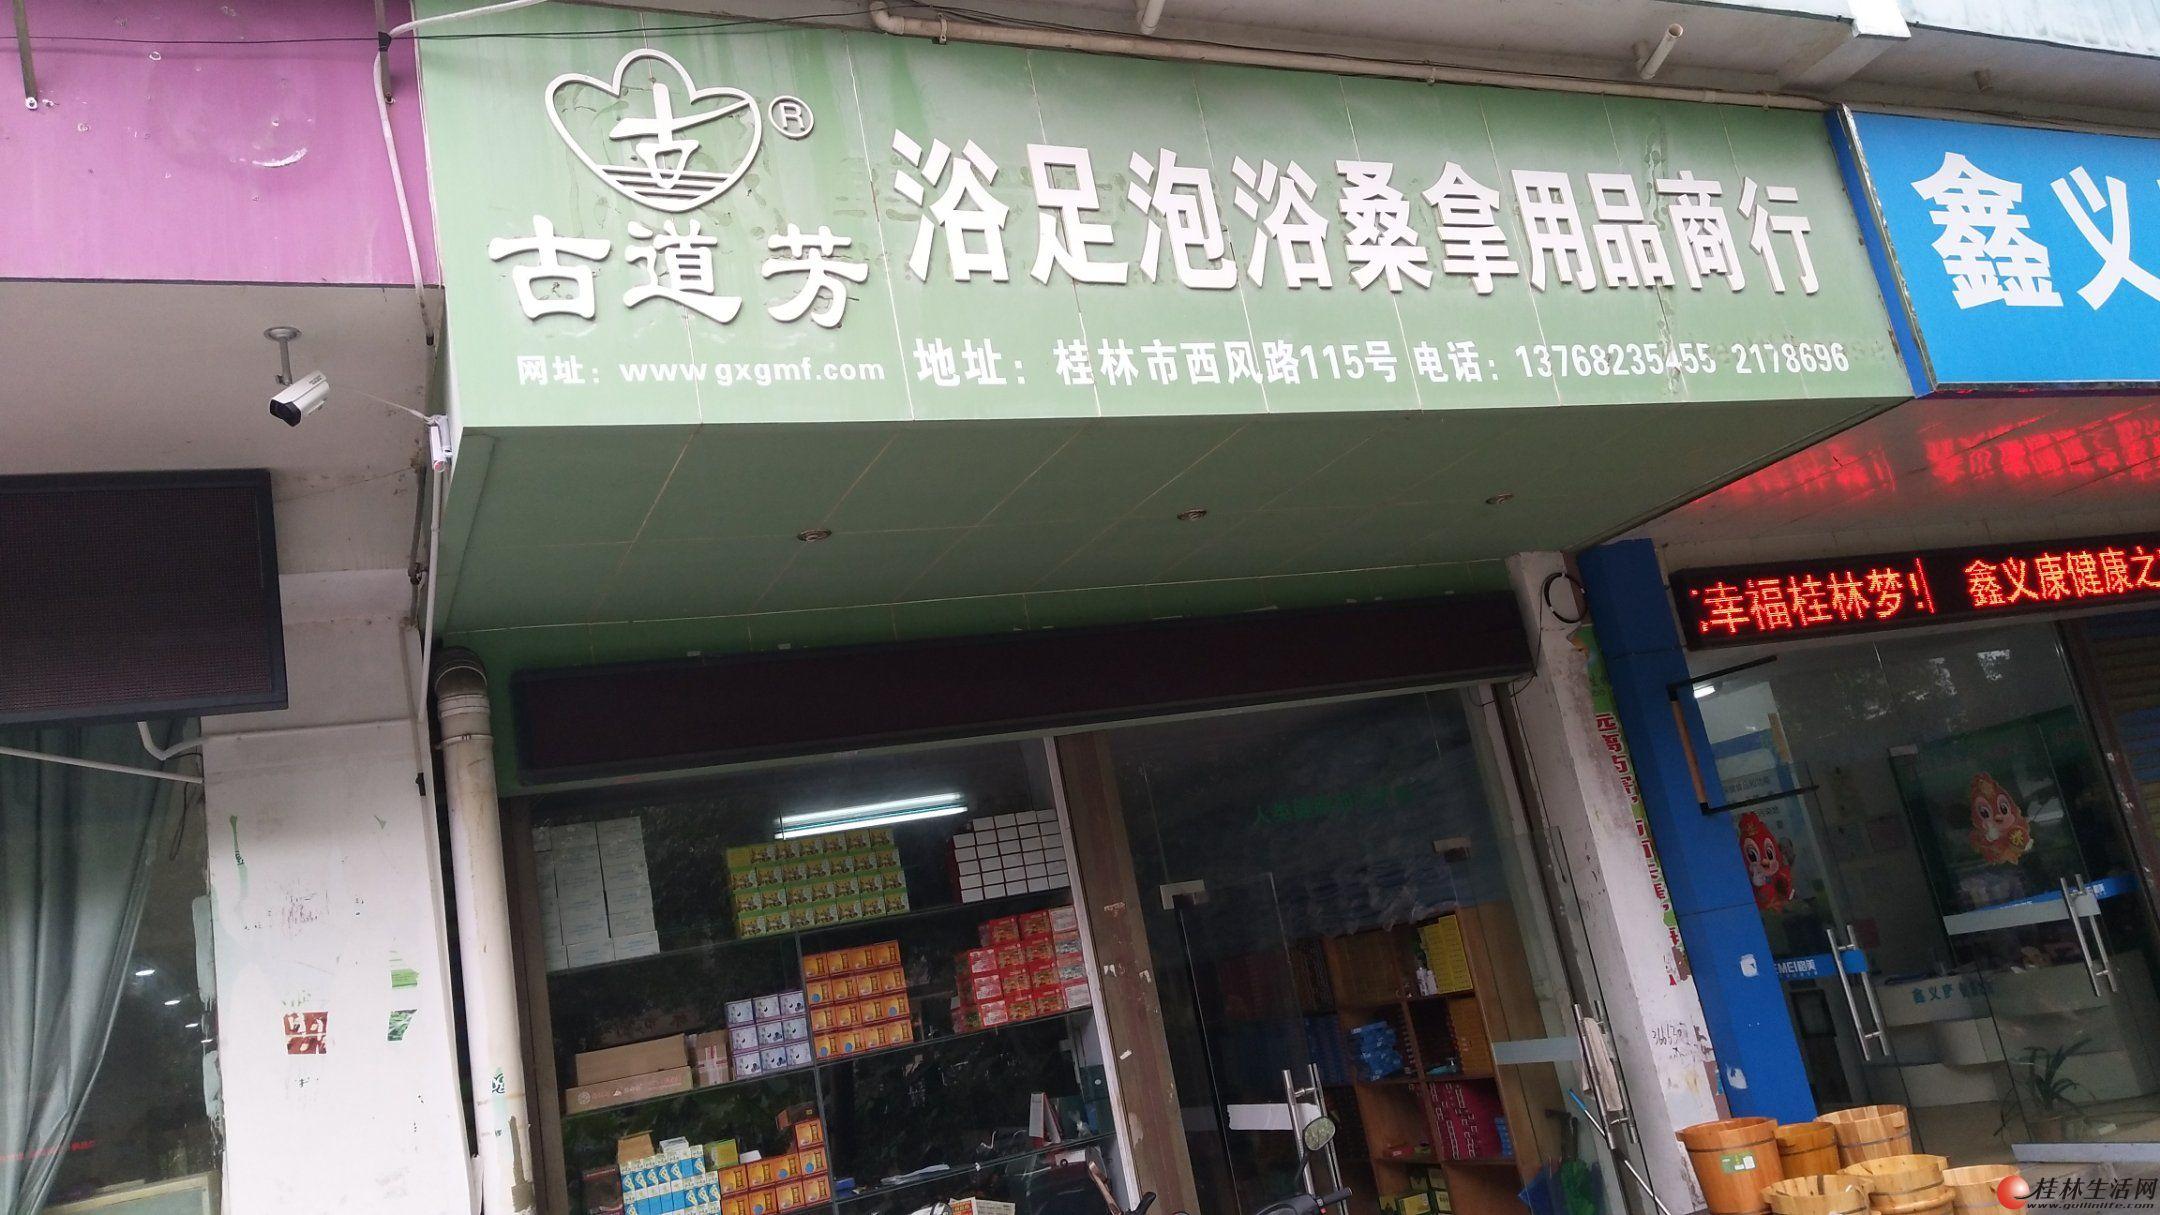 桂林古道方浴足桑拿商行招聘送货工